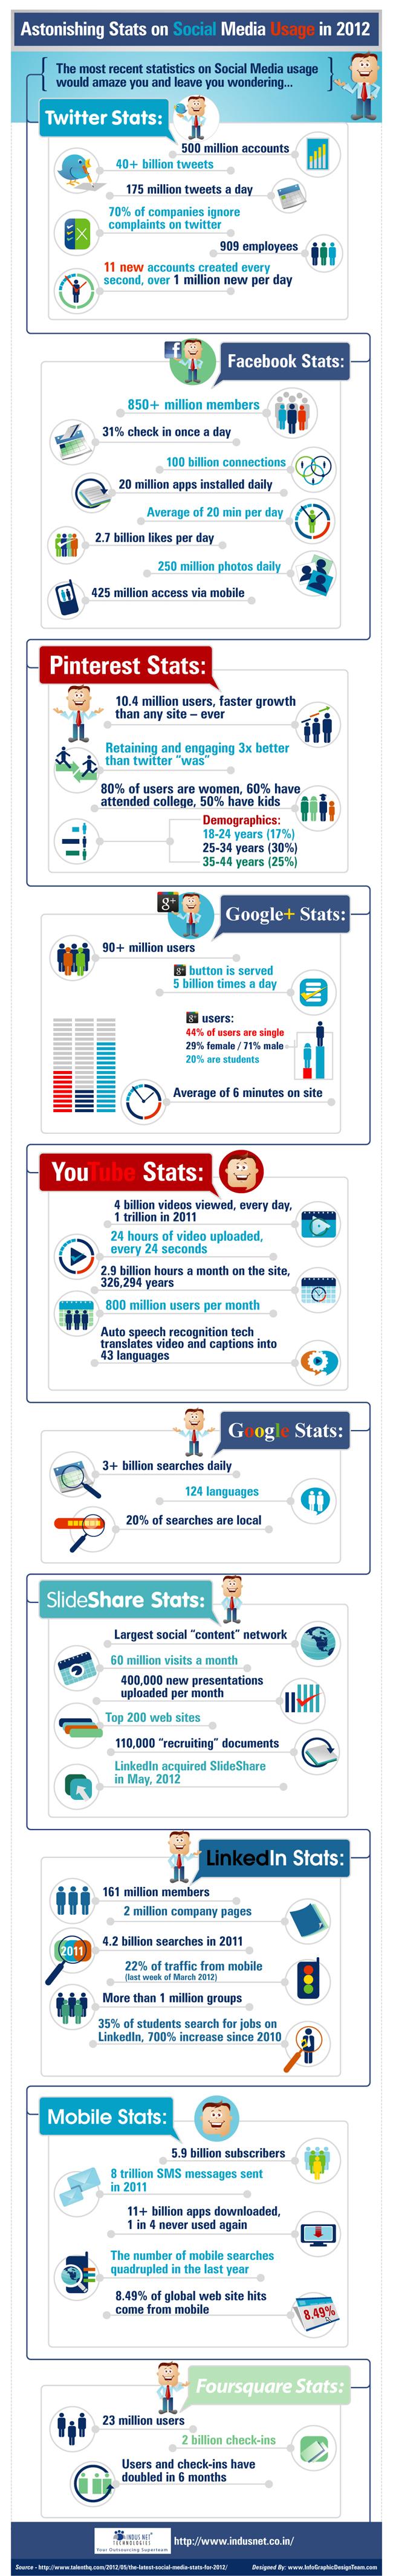 Las impresionantes cifras de las redes sociales en 2012 #infografia #infographic #sociamedia